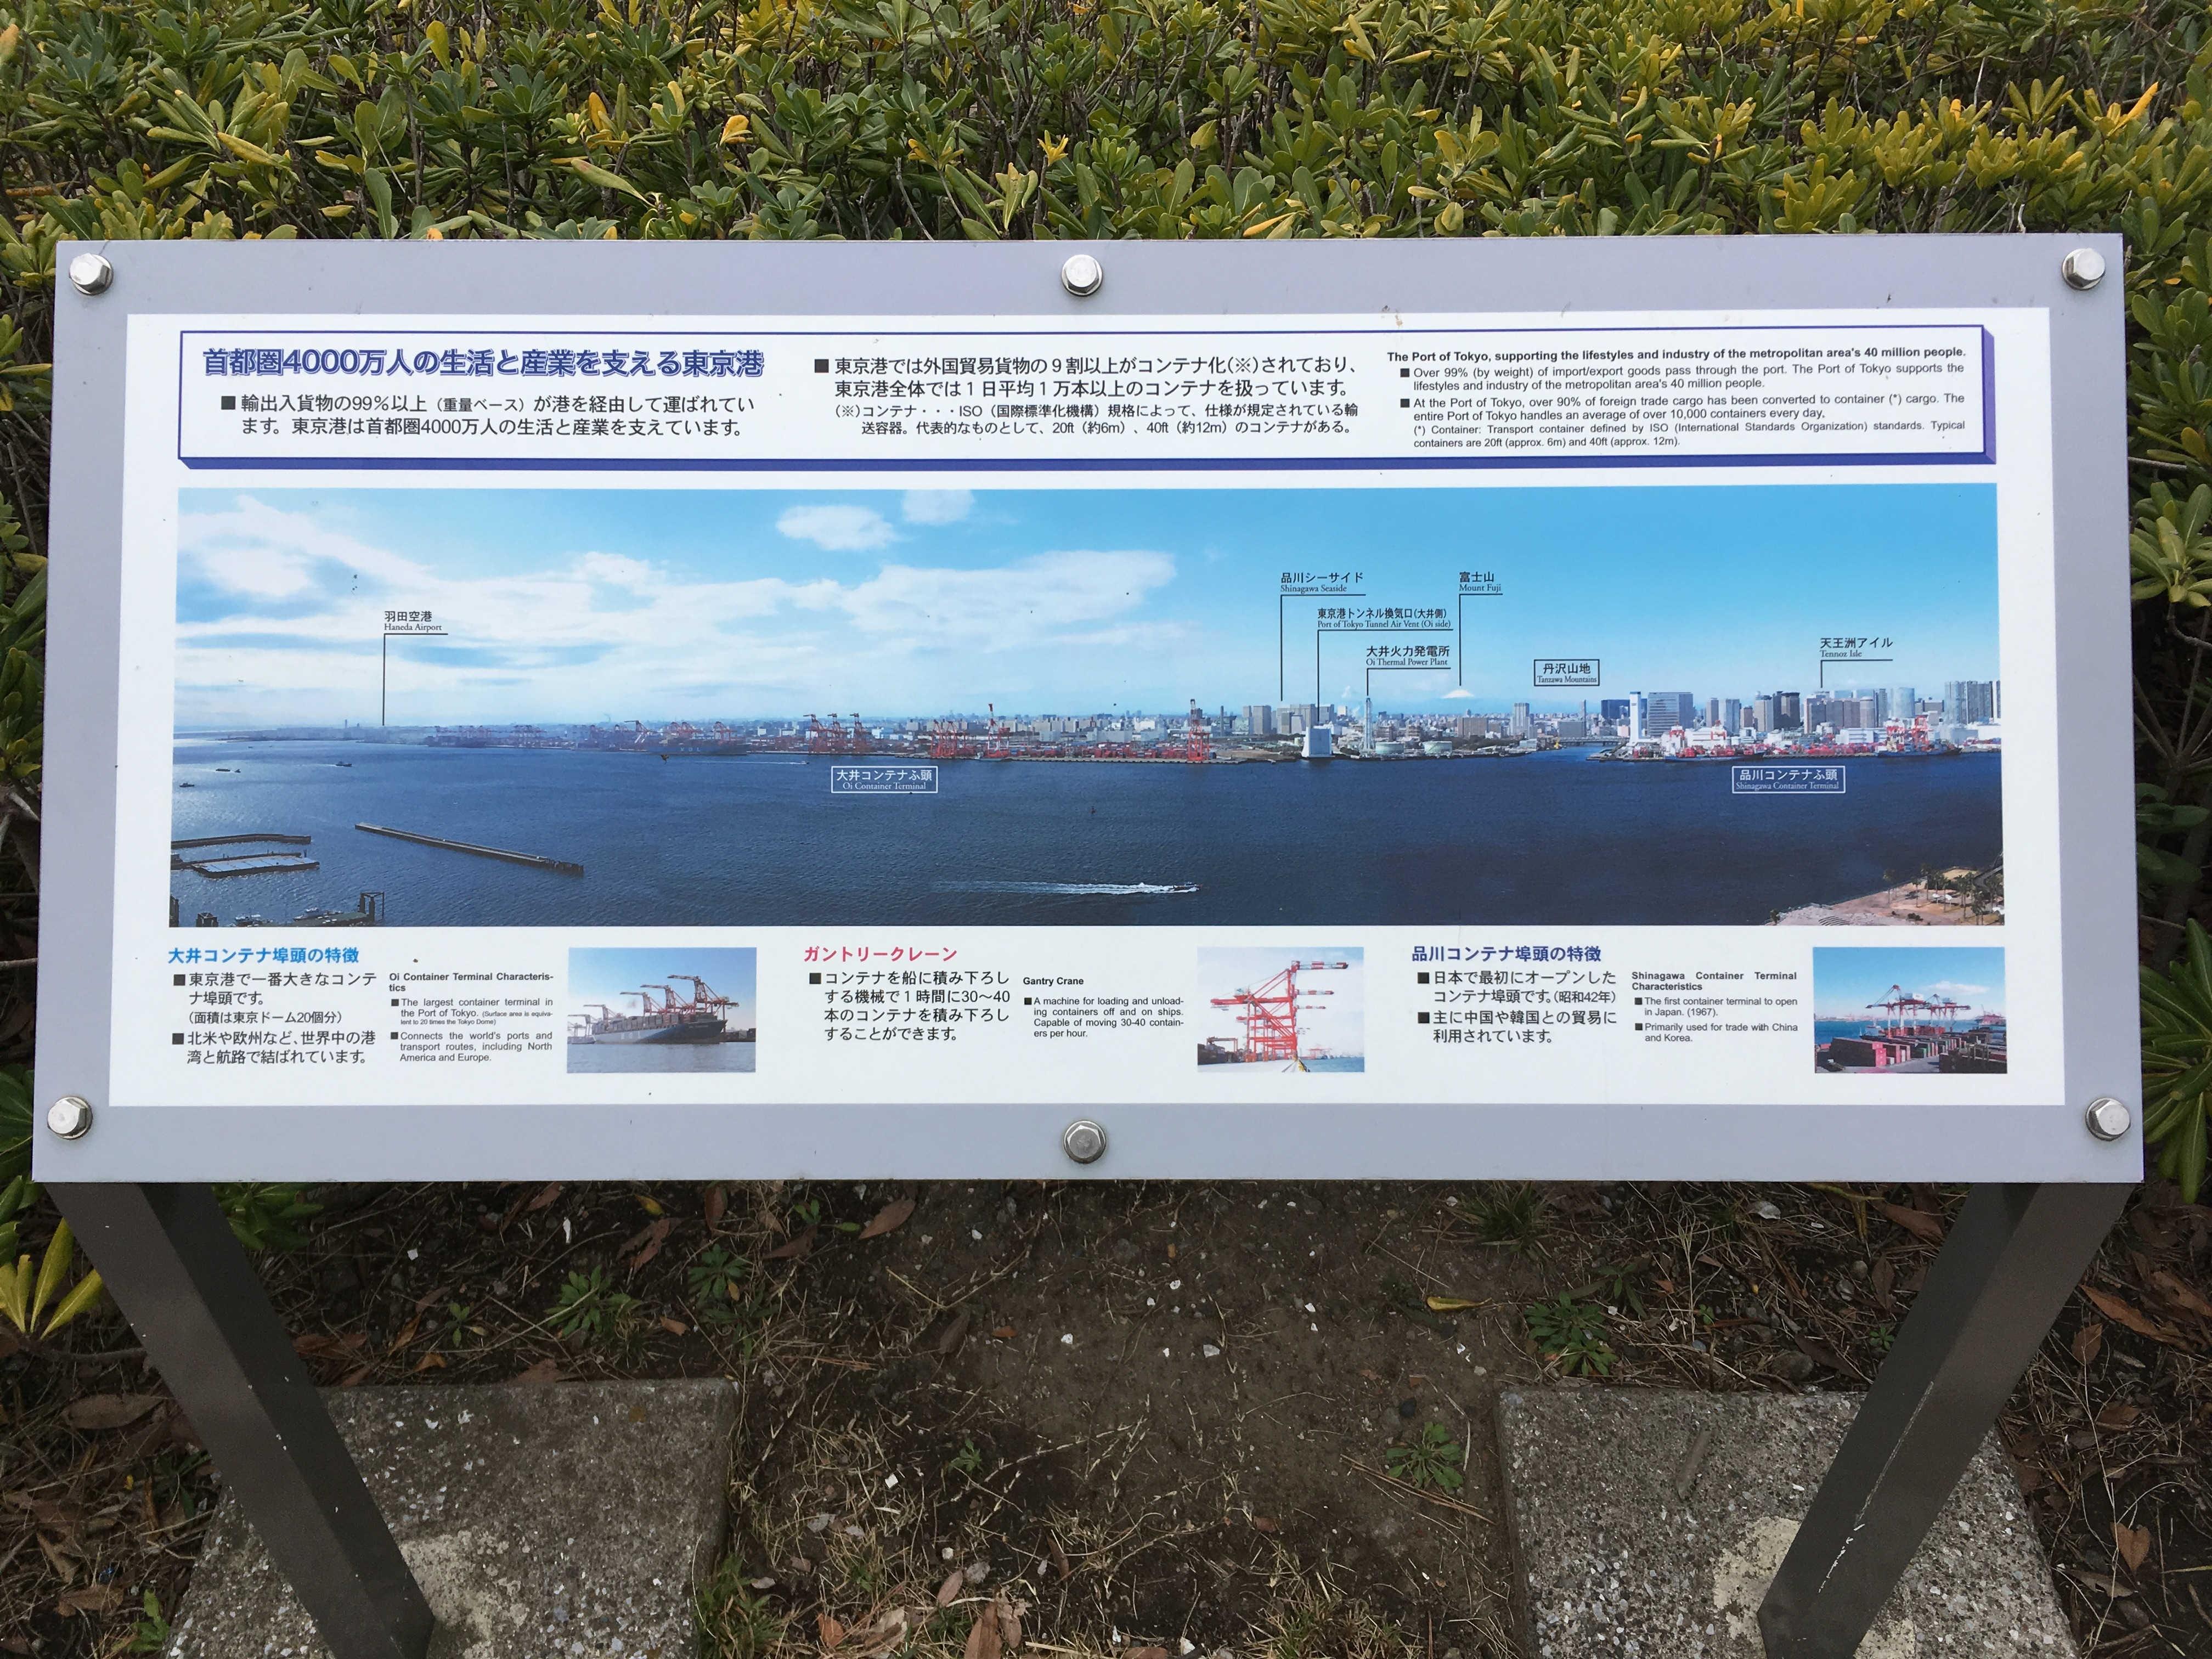 船の科学館南コーストデッキ